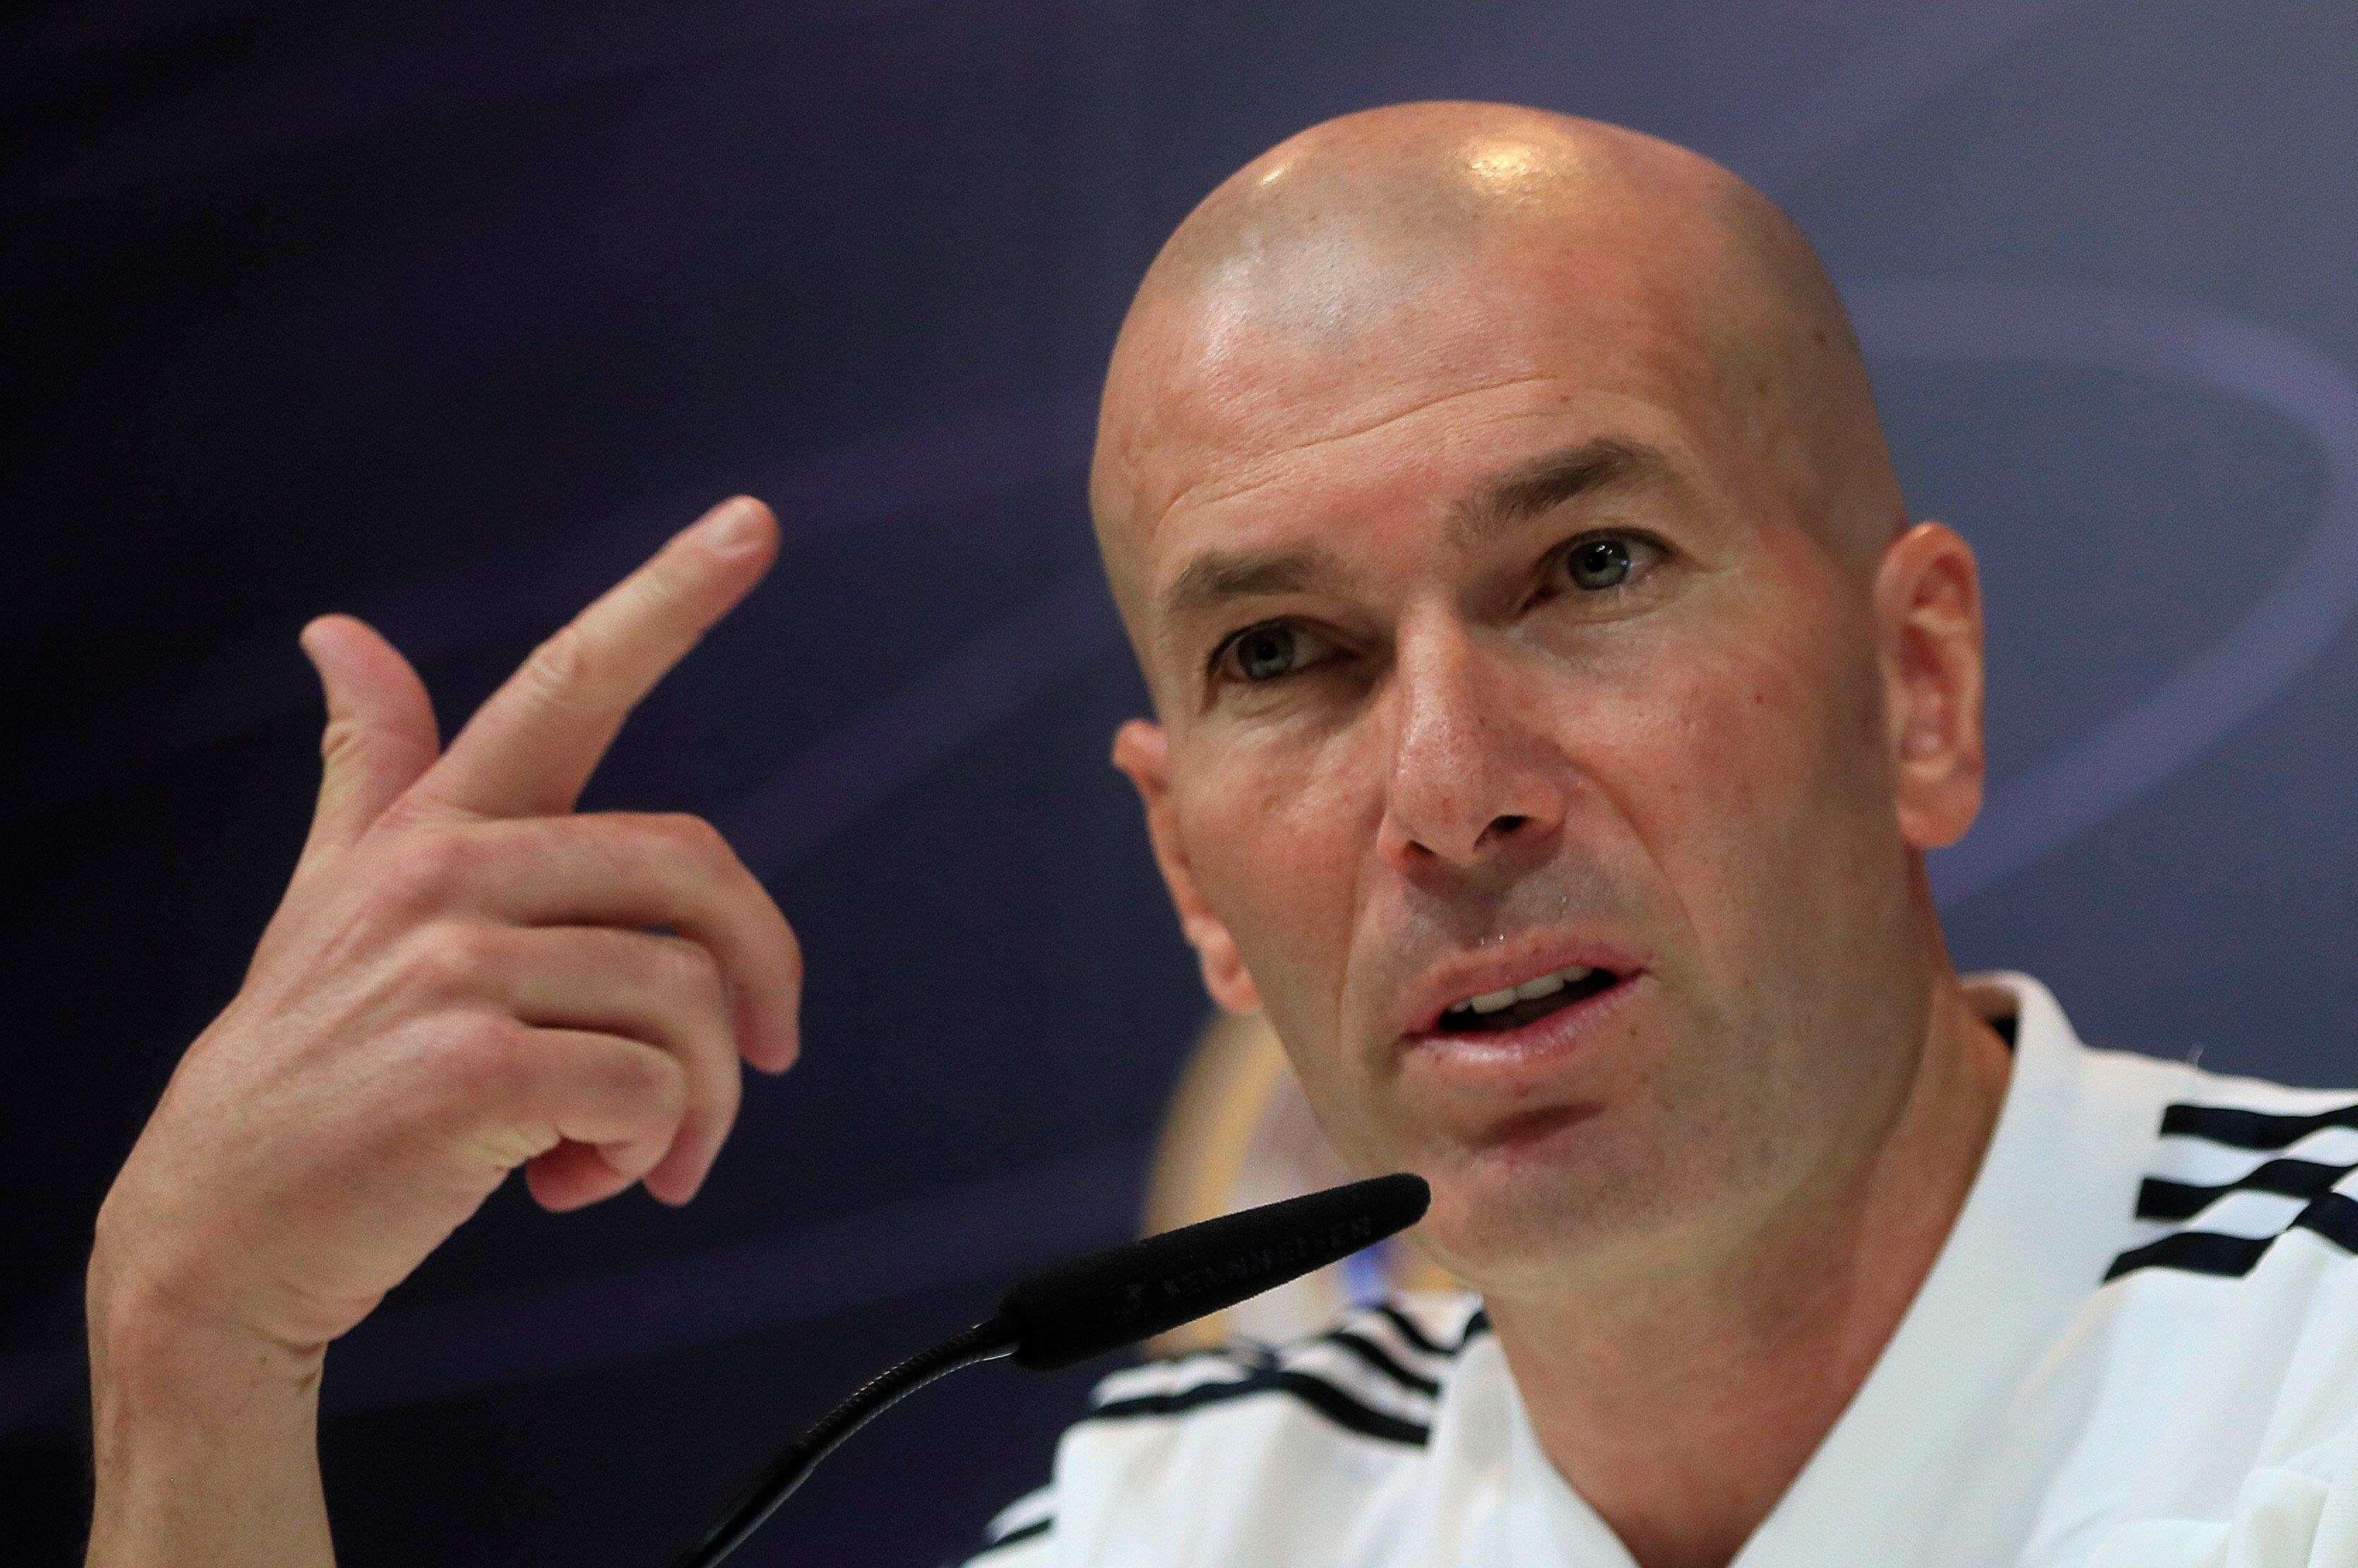 Zinedine Zidane durante la rueda de prensa de hoy. /EFE